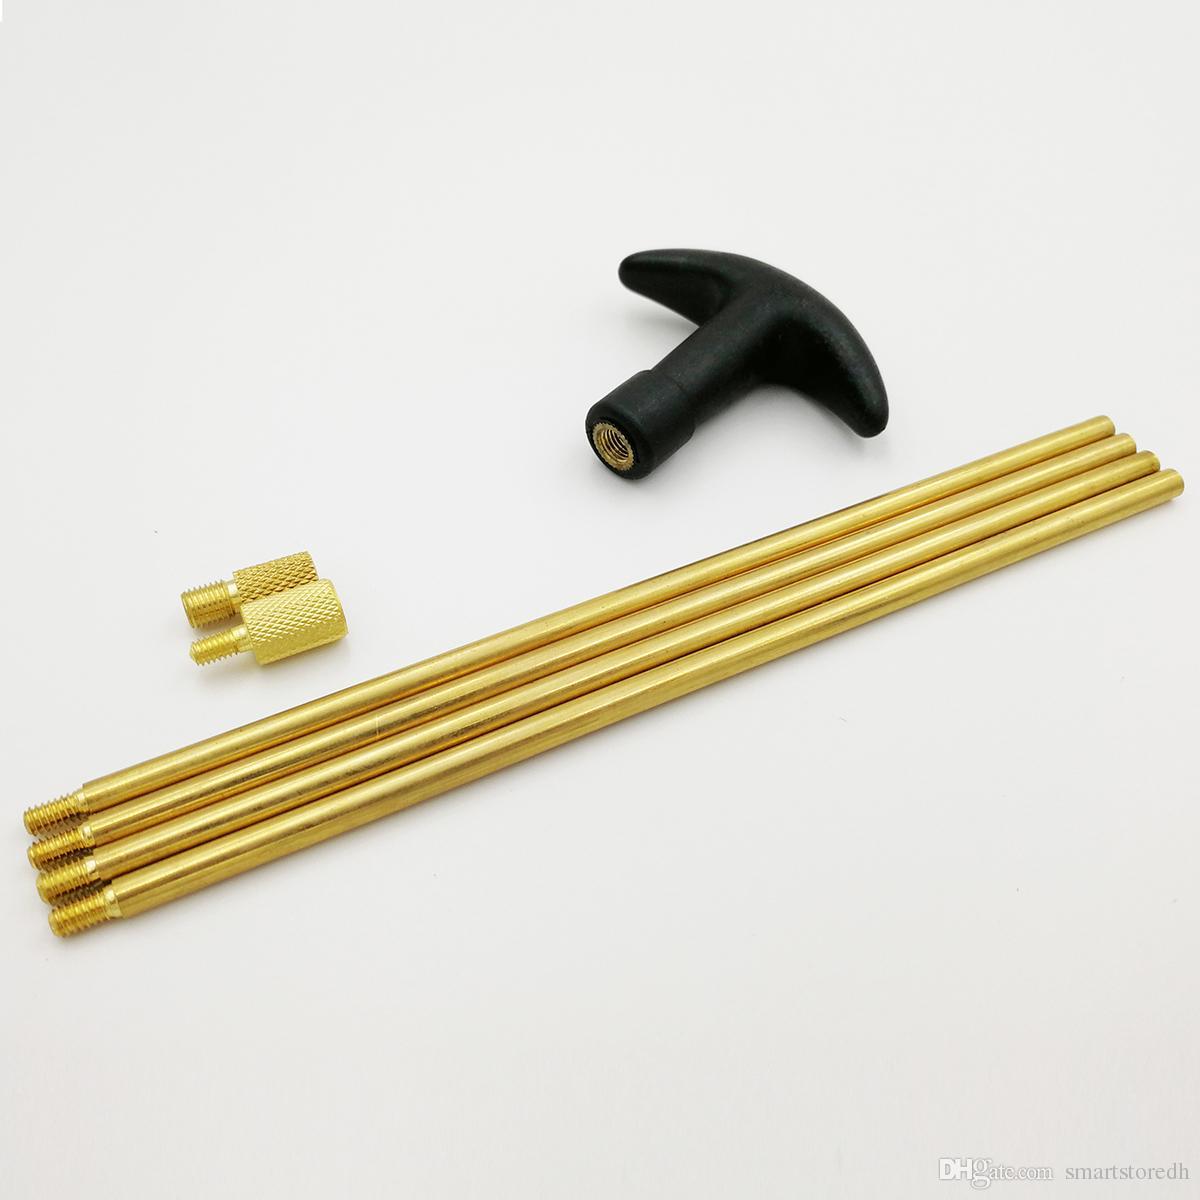 / kit de nettoyage en laiton brosse ensemble complet pour fusil avec fusil affaire brosse de nettoyage pour fusil ensemble complet F00582